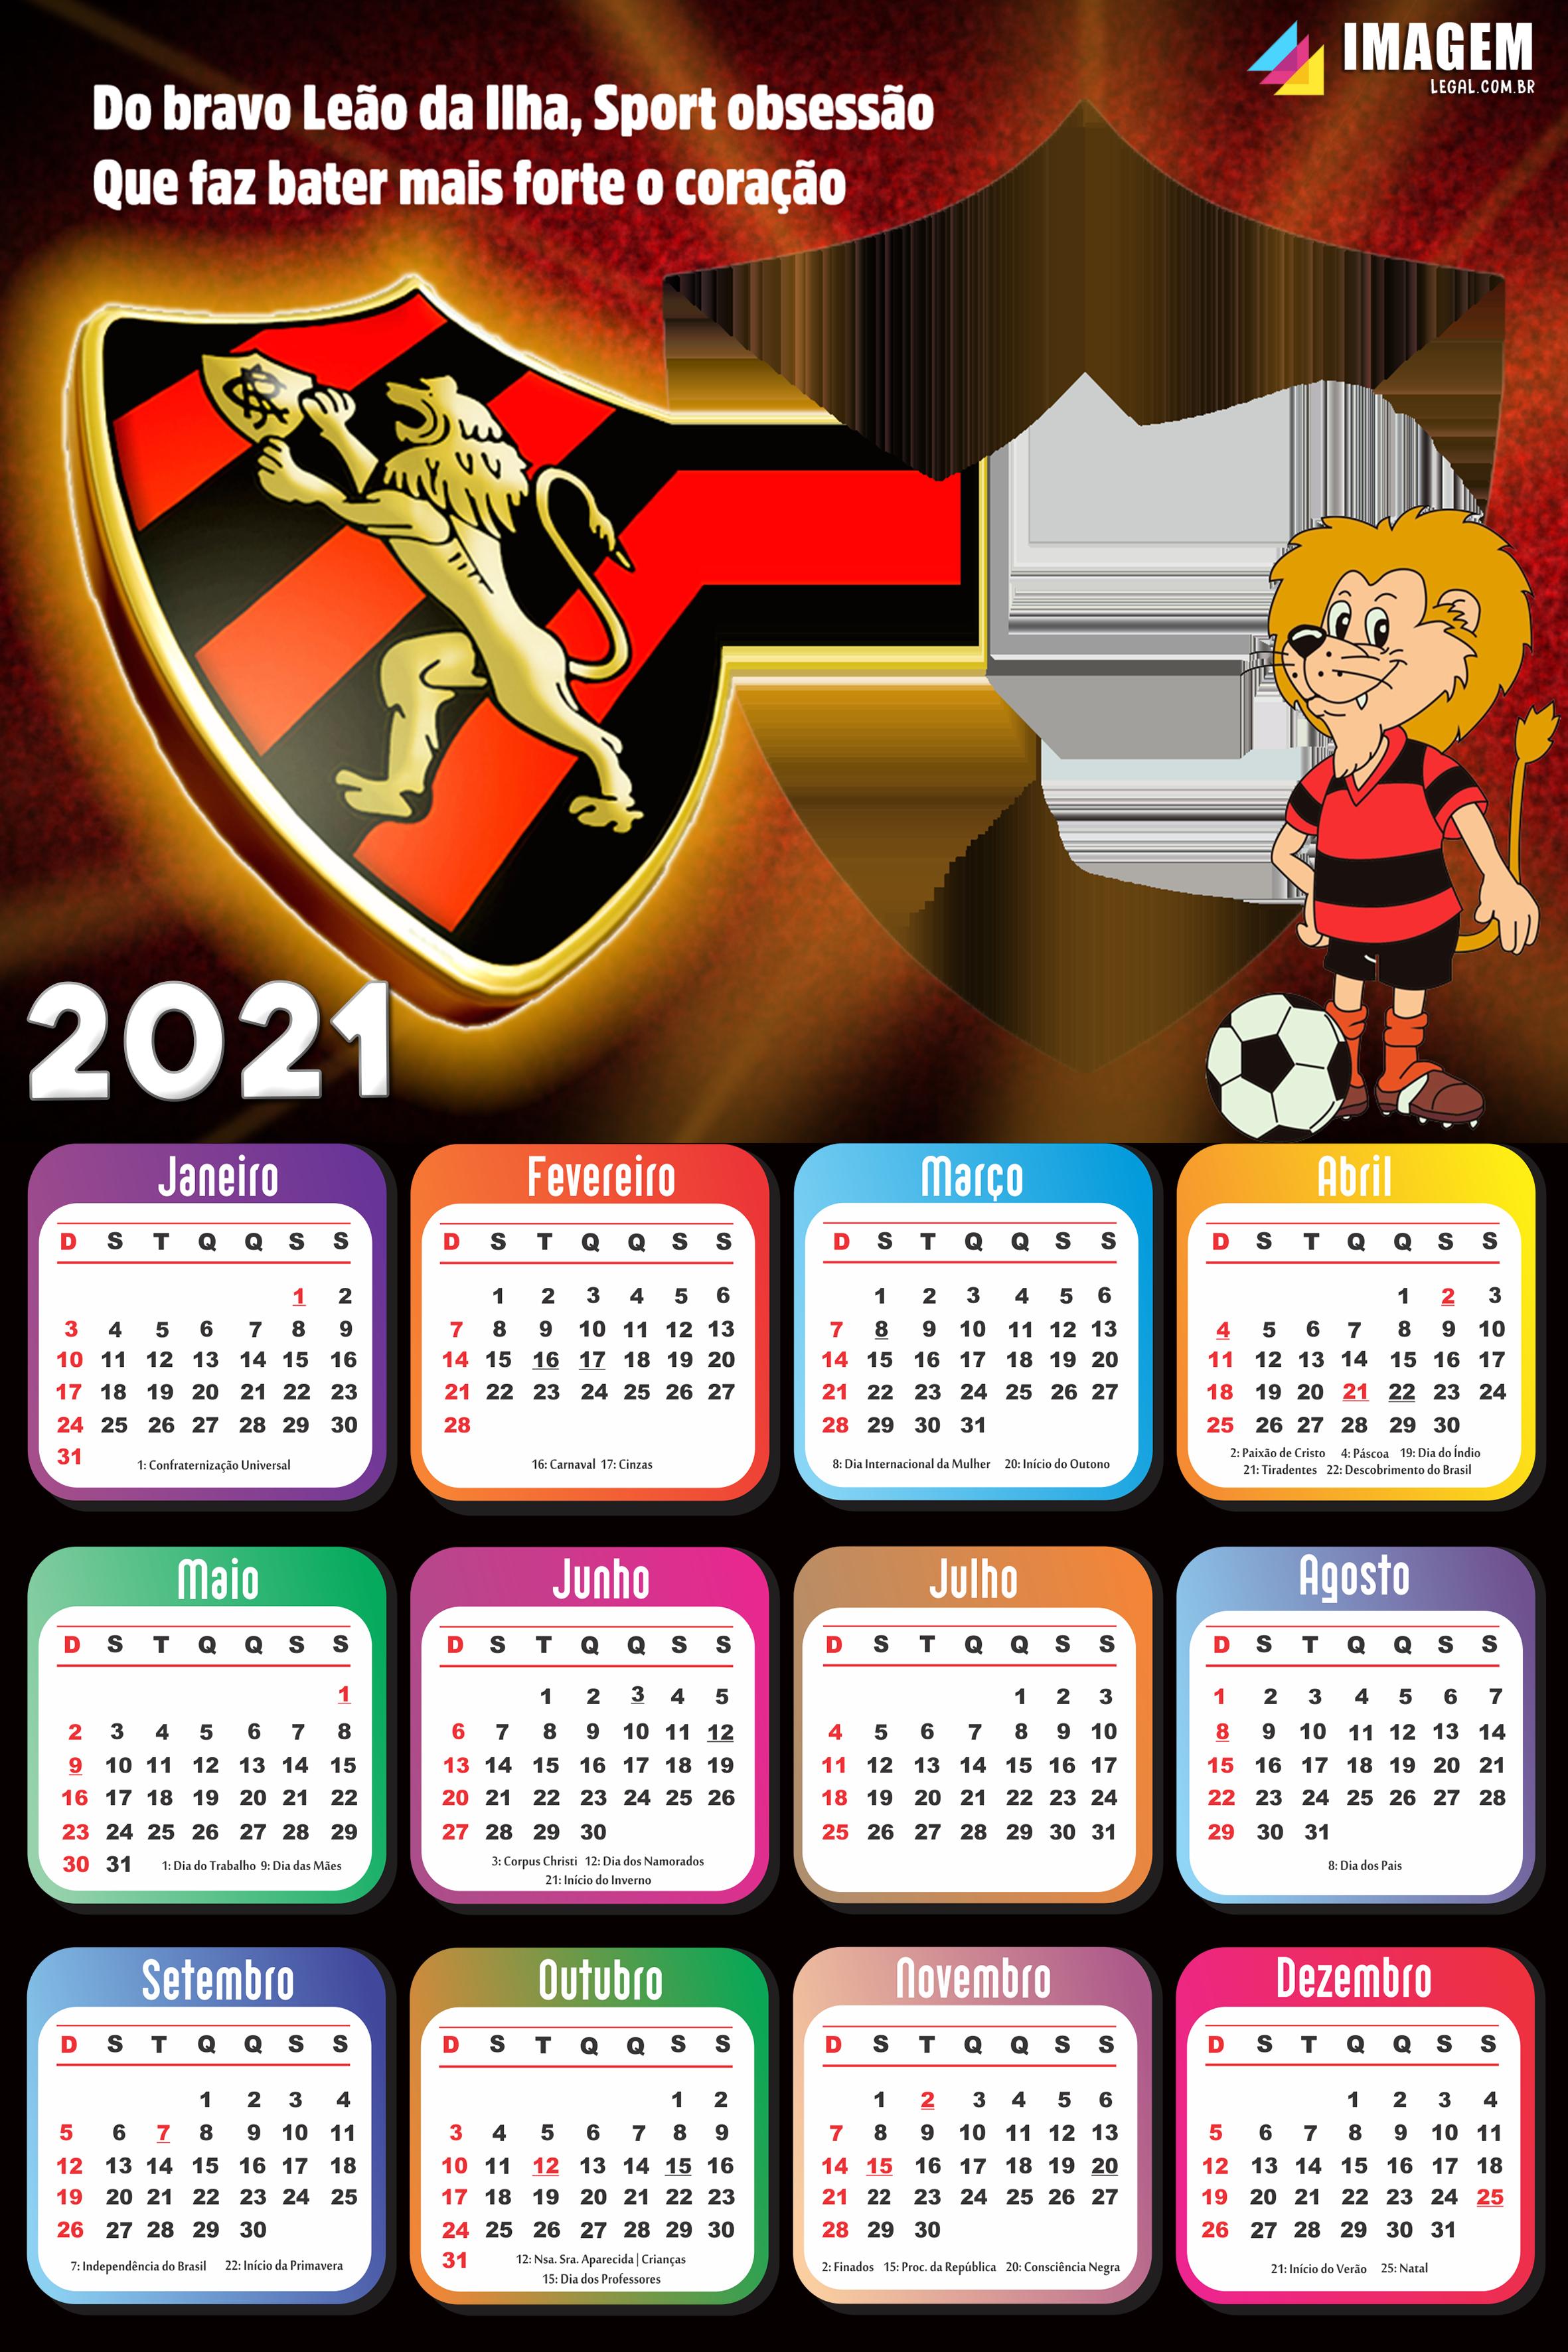 Calendário 2021 Sport Club do Recife Imagem Legal em